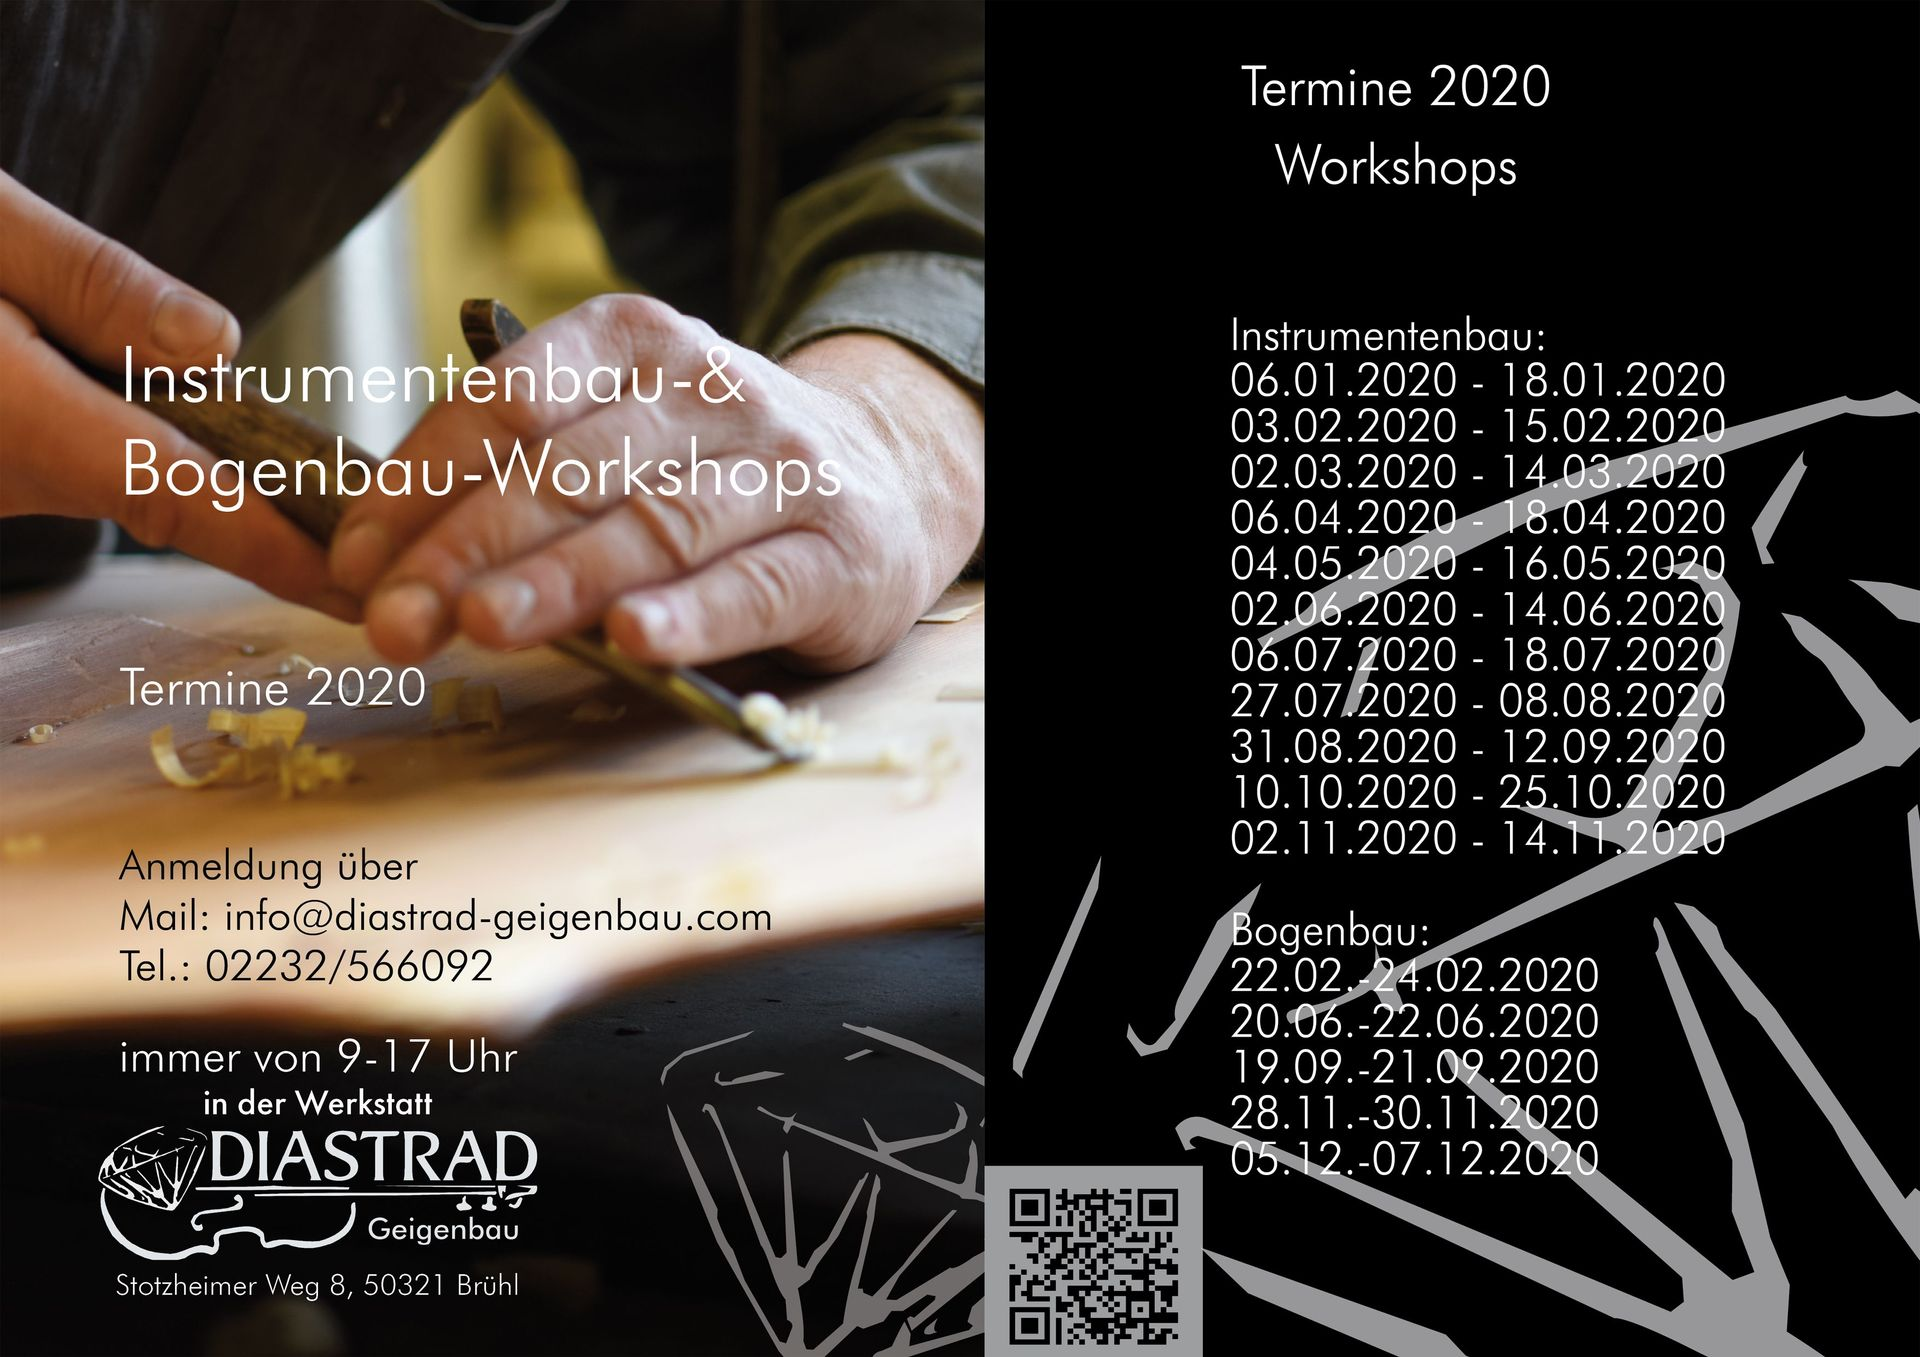 Instrumenten- und Bogenbau-Workshops - Workshops